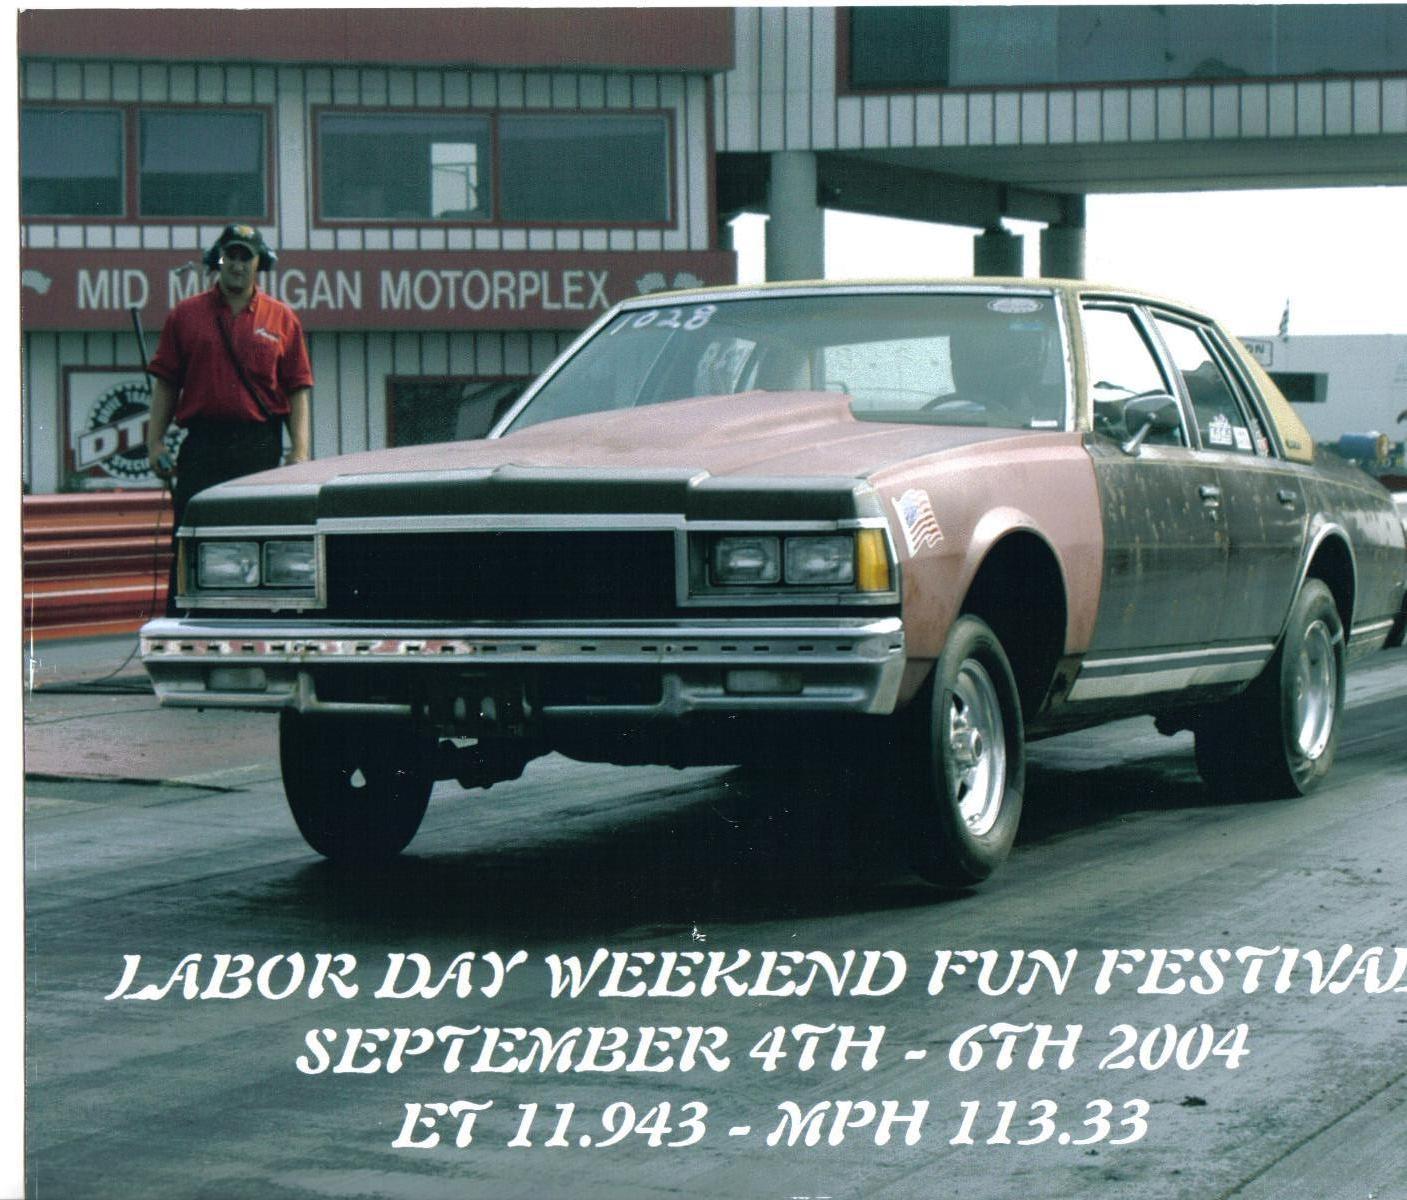 1977 Chevrolet Caprice 1 4 Mile Drag Racing Timeslip Specs